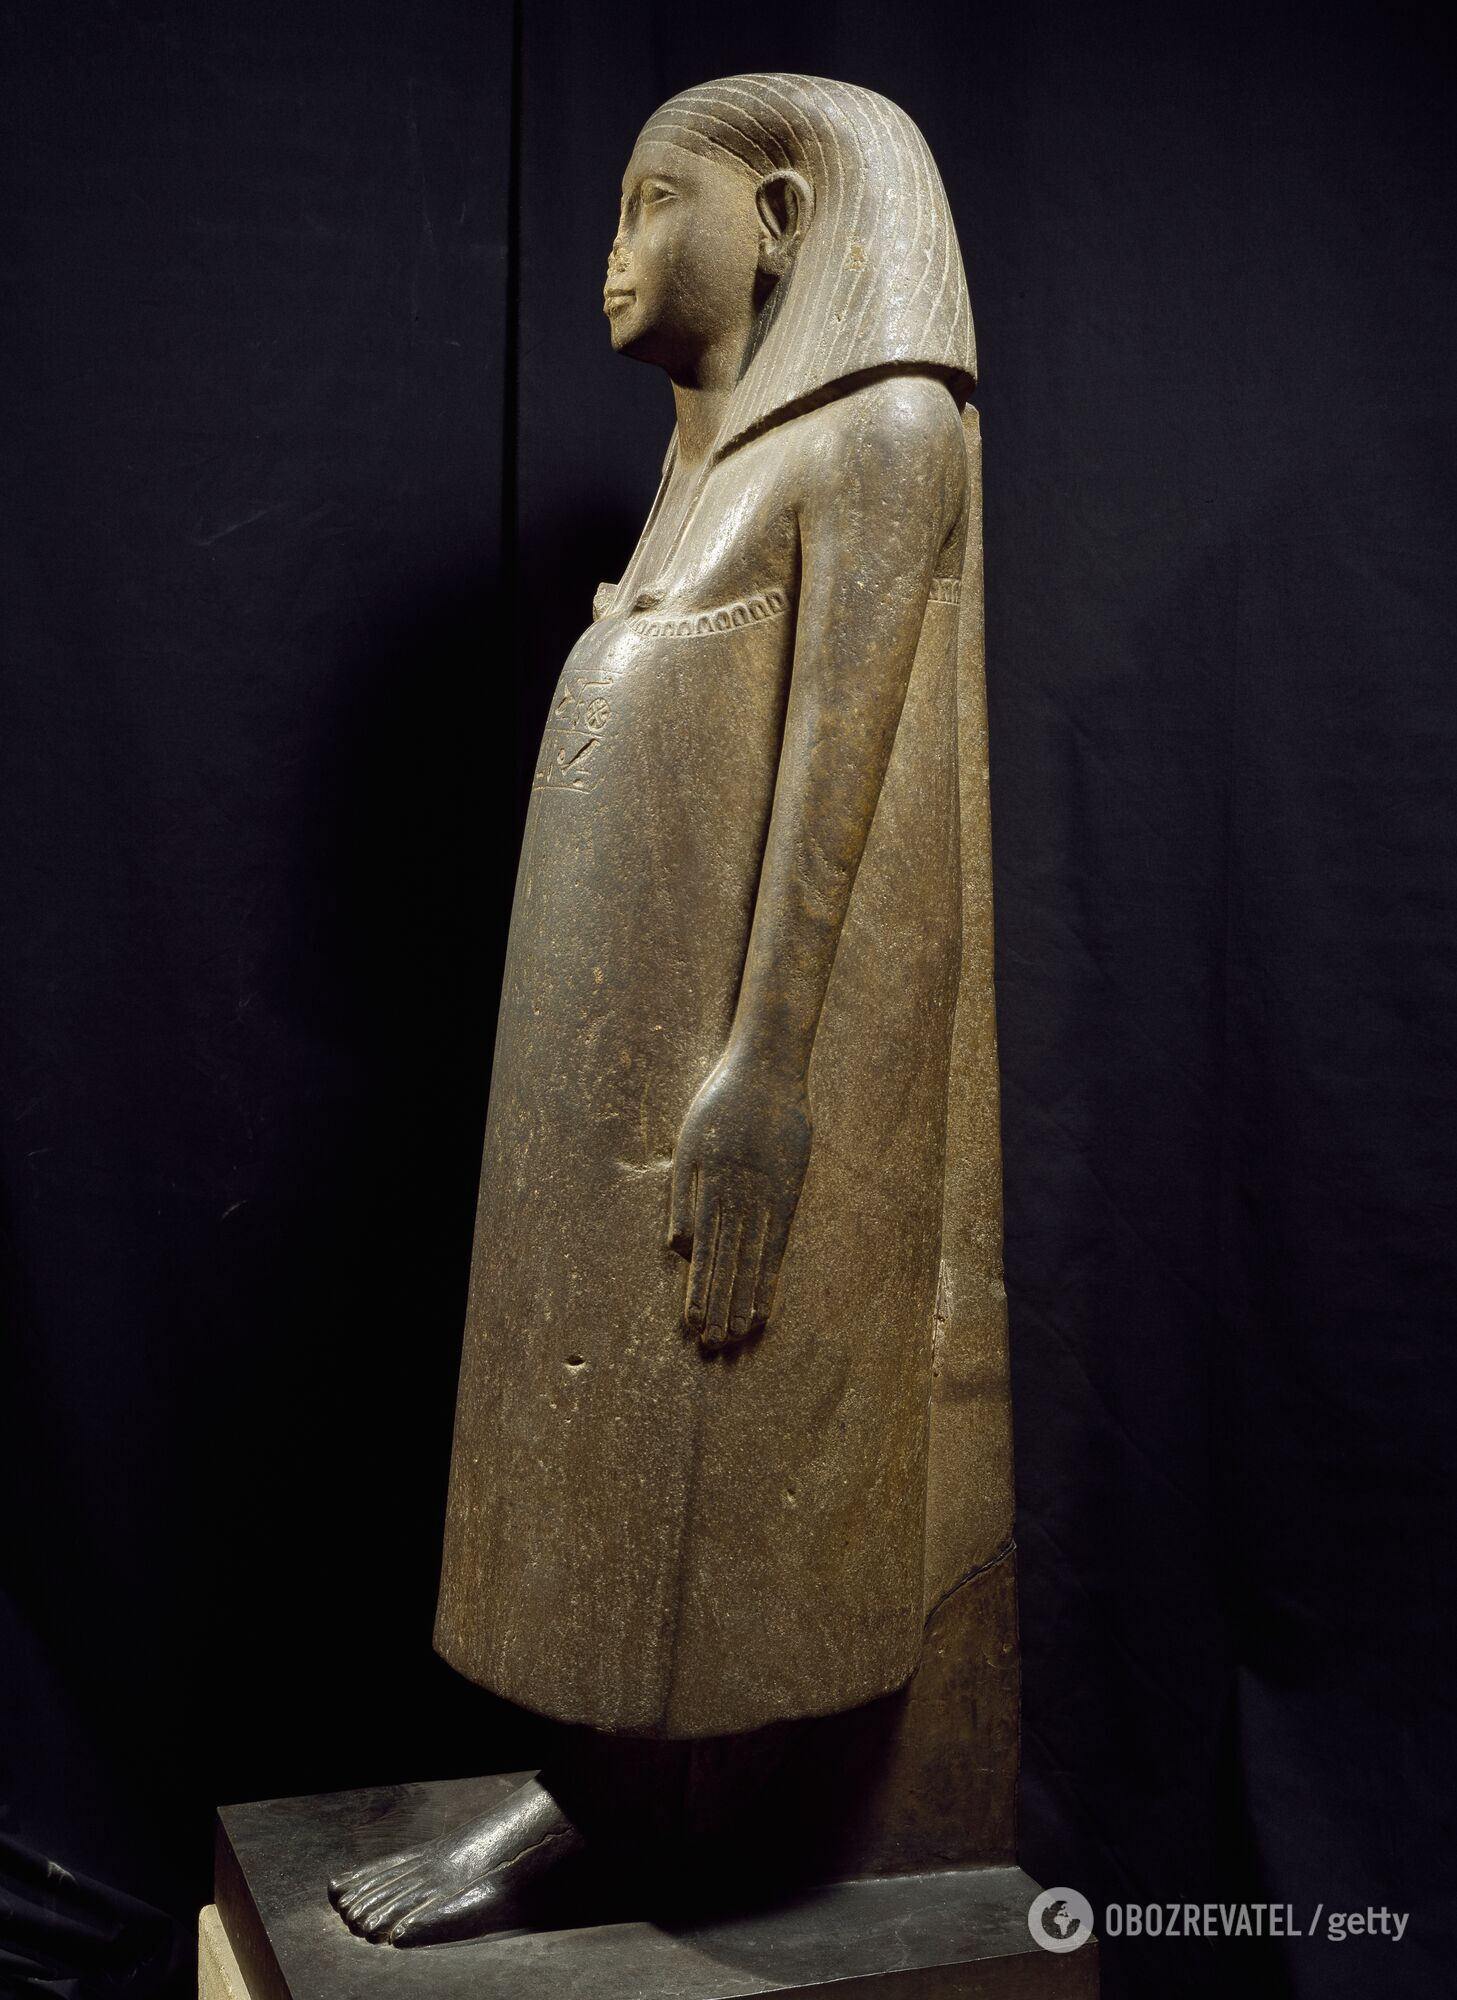 Єгипетська статуя з відбитим носом у Луврі